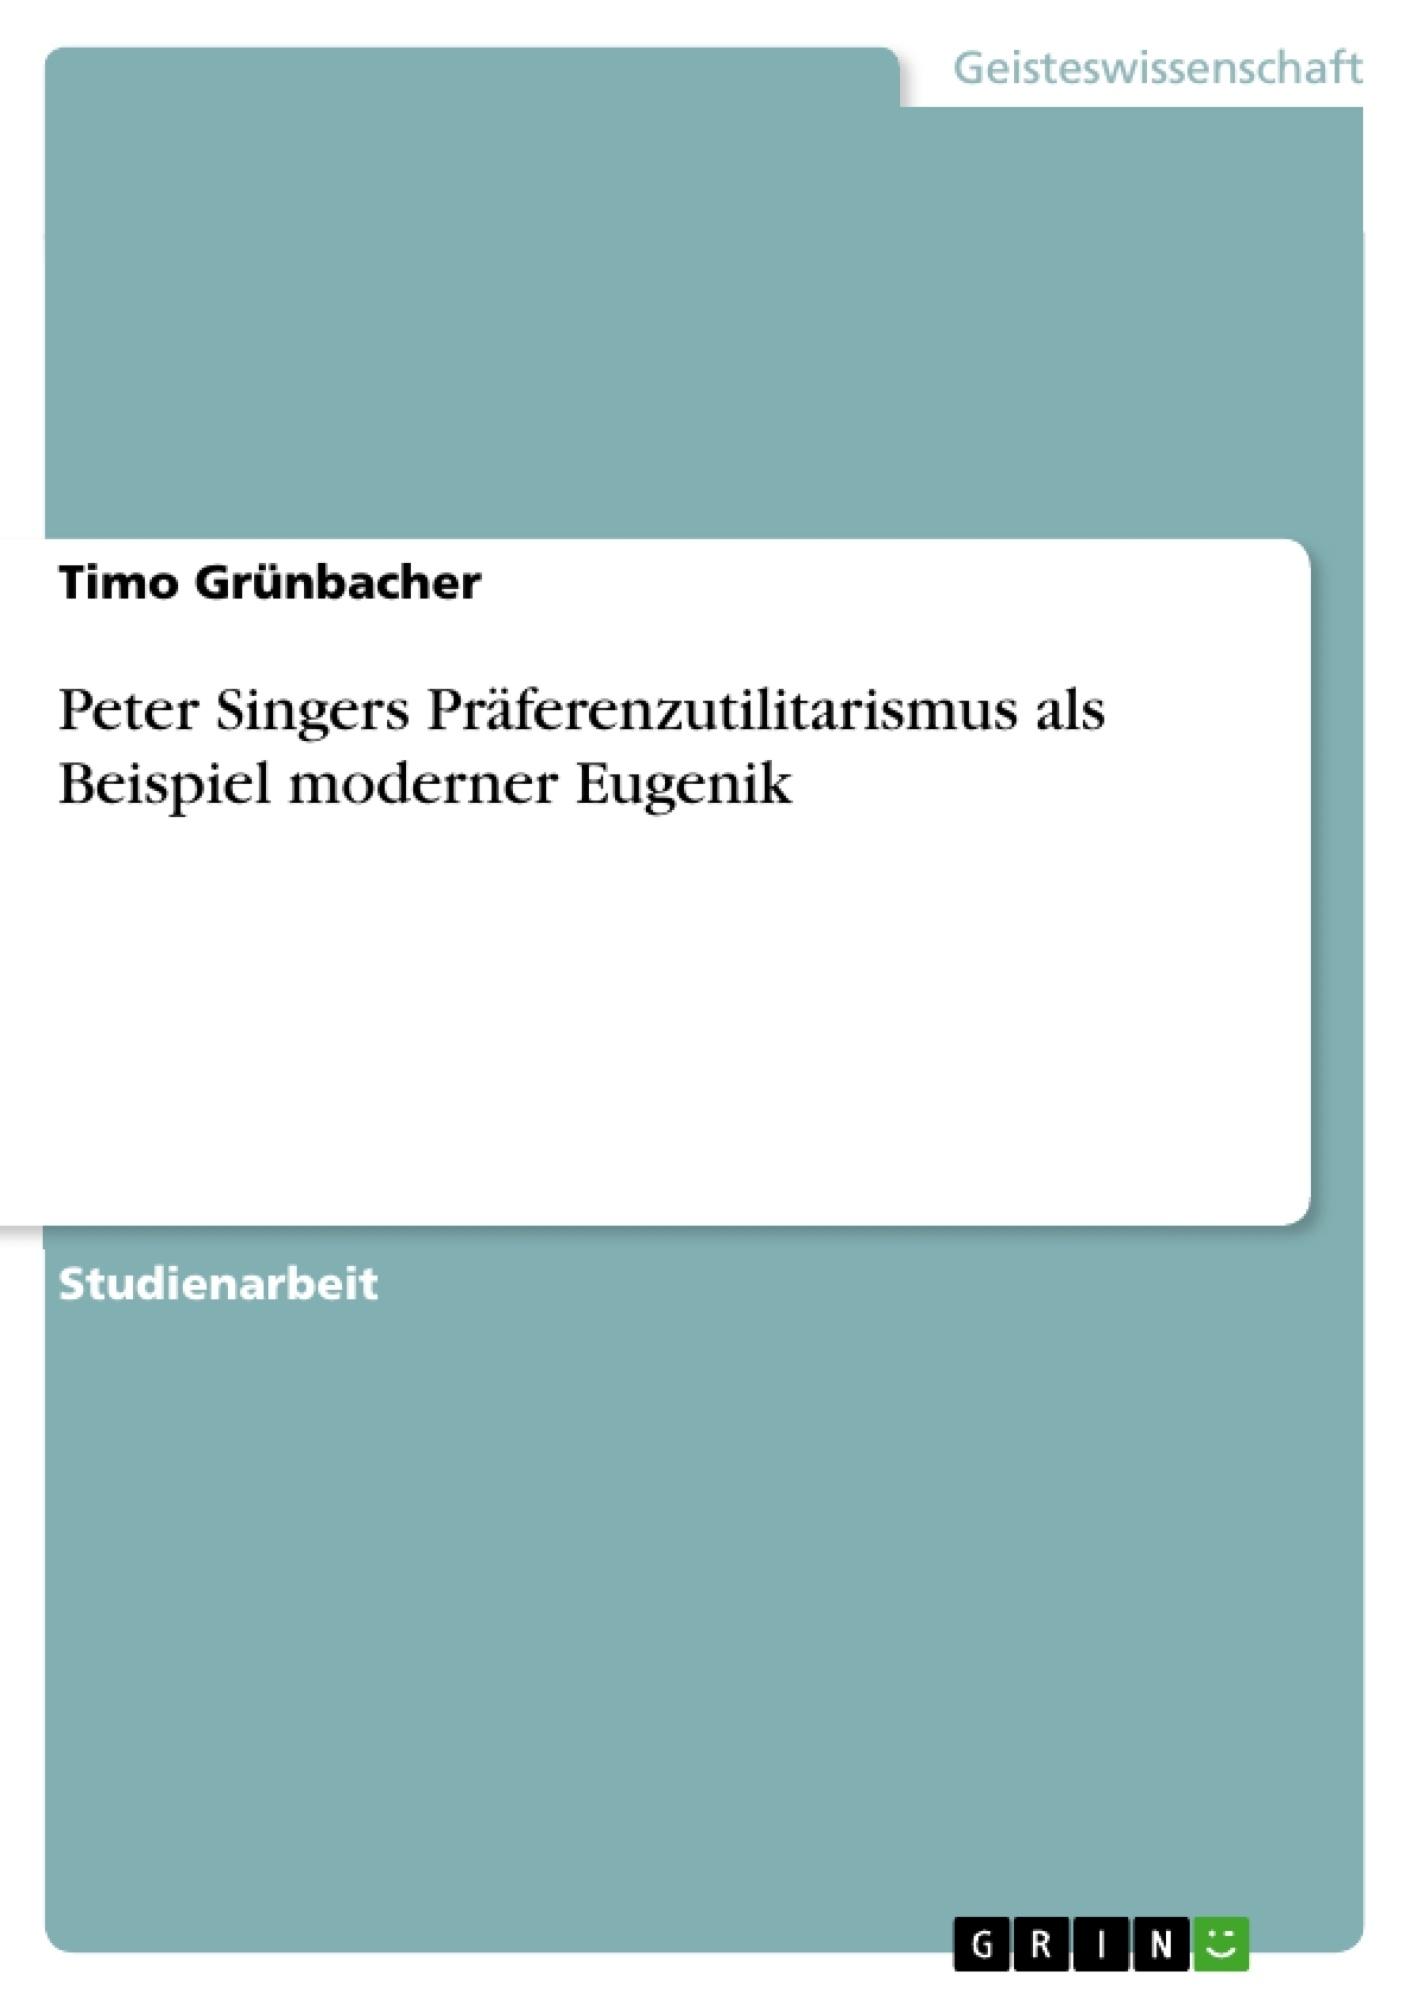 Titel: Peter Singers Präferenzutilitarismus als Beispiel moderner Eugenik